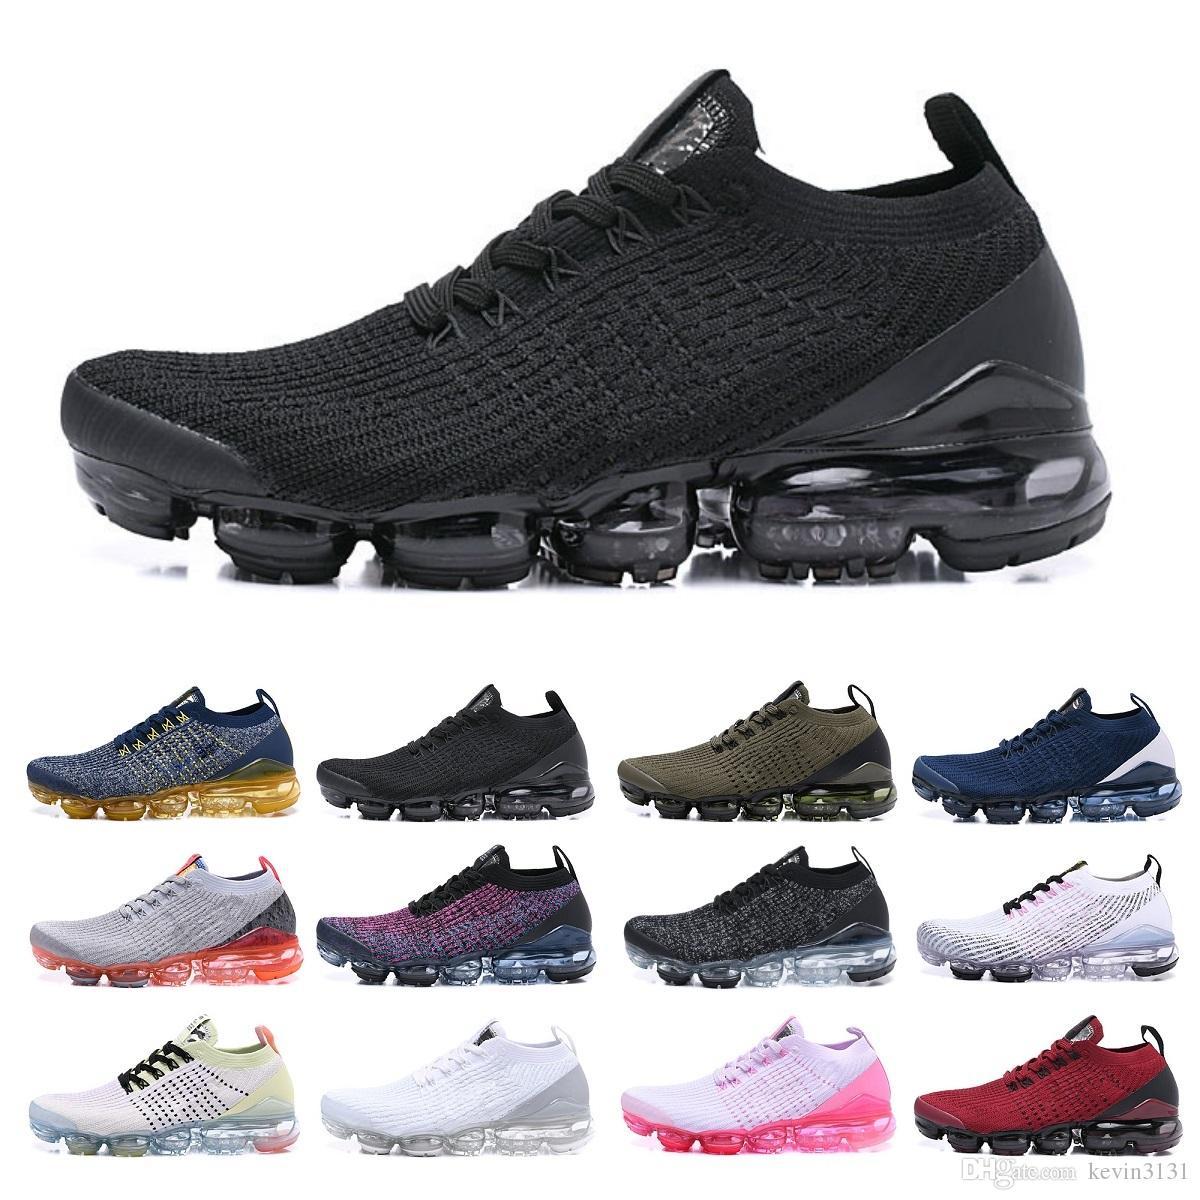 2018 3.0 Erkek Tasarımcı Koşu Ayakkabı Erkekler Rasgele Hava Yastık Üçlü Siyah Kadın Elbise Eğitmenler Açık Yürüyüş Zapatos Spor Sneakers 36-45